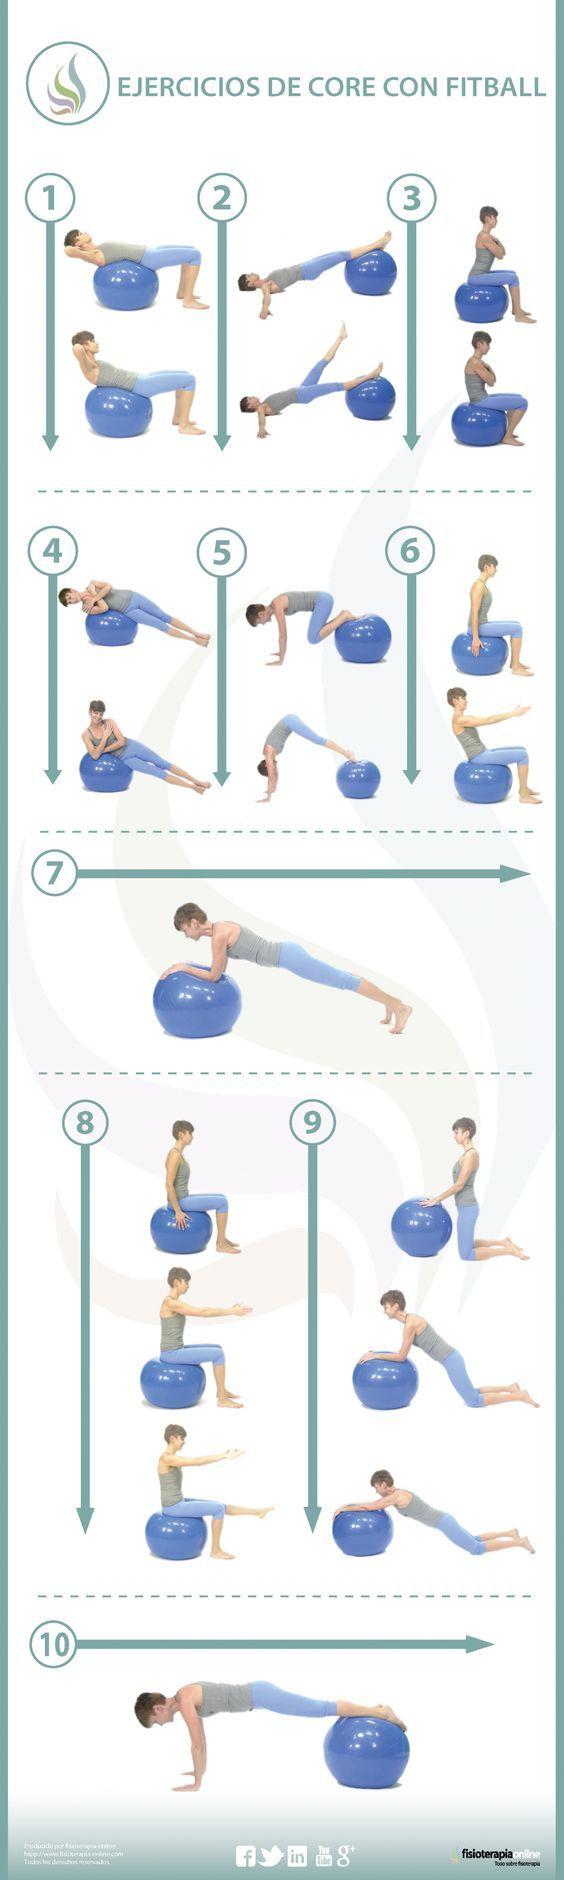 10 ejercicios para trabajar tu core con fitball